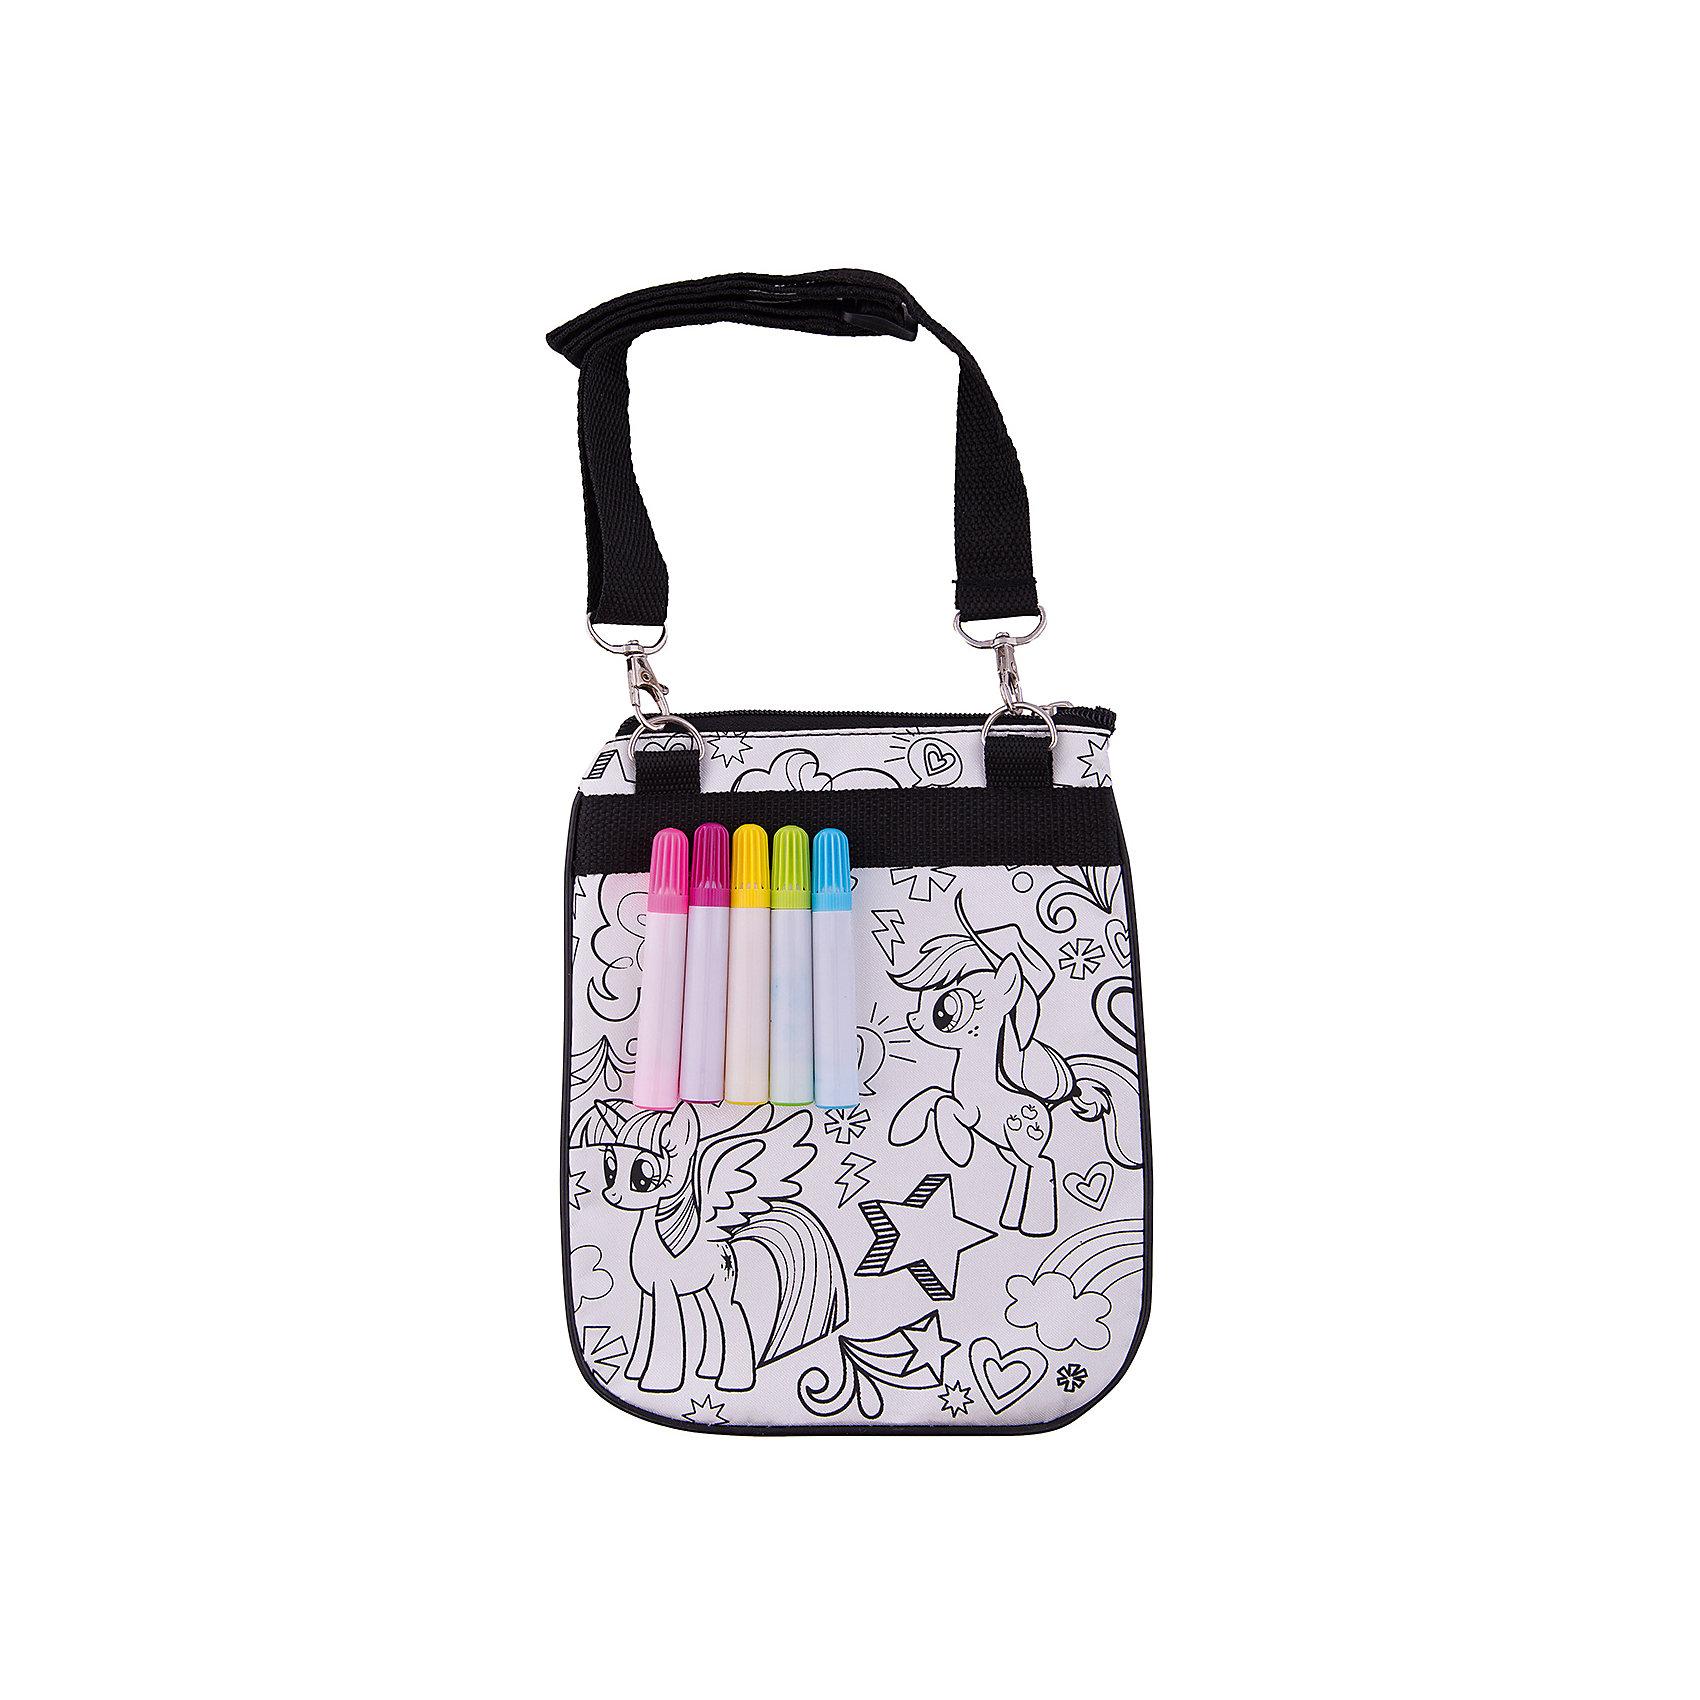 Набор для росписи сумочки Ponies Rock, My Little PonyНаборы для раскрашивания<br>Набор для росписи сумочки Ponies Rock, My Little Pony - это набор для создания эксклюзивной сумки своими руками.<br>Набор для росписи сумочки Ponies Rock - увлекательный набор для творчества, который станет отличным подарком для Вашей девочки. Она сможет своими руками расписать удобный практичный аксессуар, который будет с удовольствием носить с собой в школу или на прогулку. На сумку уже нанесен контур рисунка с изображением двух симпатичных пони, героинь любимого многими девочками мультсериала My Little Pony., нужно лишь раскрасить его детали согласно своей фантазии. Чтобы рисунок получился интереснее, можно создать новые оттенки, смешав цвета фломастеров. Сумочка оснащена длинной регулируемой лямкой для ношения через плечо. Набор развивает мелкую моторику, глазомер, цветовосприятие и художественный вкус.<br><br>Дополнительная информация:<br><br>- В наборе: сумочка из хлопка с нанесенным контуром, 5 ярких водостойких фломастеров<br>- Размер упаковки: 180 х 10 х 330 мм.<br>- Вес: 137 гр.<br><br>Набор для росписи сумочки Ponies Rock, My Little Pony можно купить в нашем интернет-магазине.<br><br>Ширина мм: 180<br>Глубина мм: 10<br>Высота мм: 330<br>Вес г: 137<br>Возраст от месяцев: 84<br>Возраст до месяцев: 2147483647<br>Пол: Женский<br>Возраст: Детский<br>SKU: 4563999